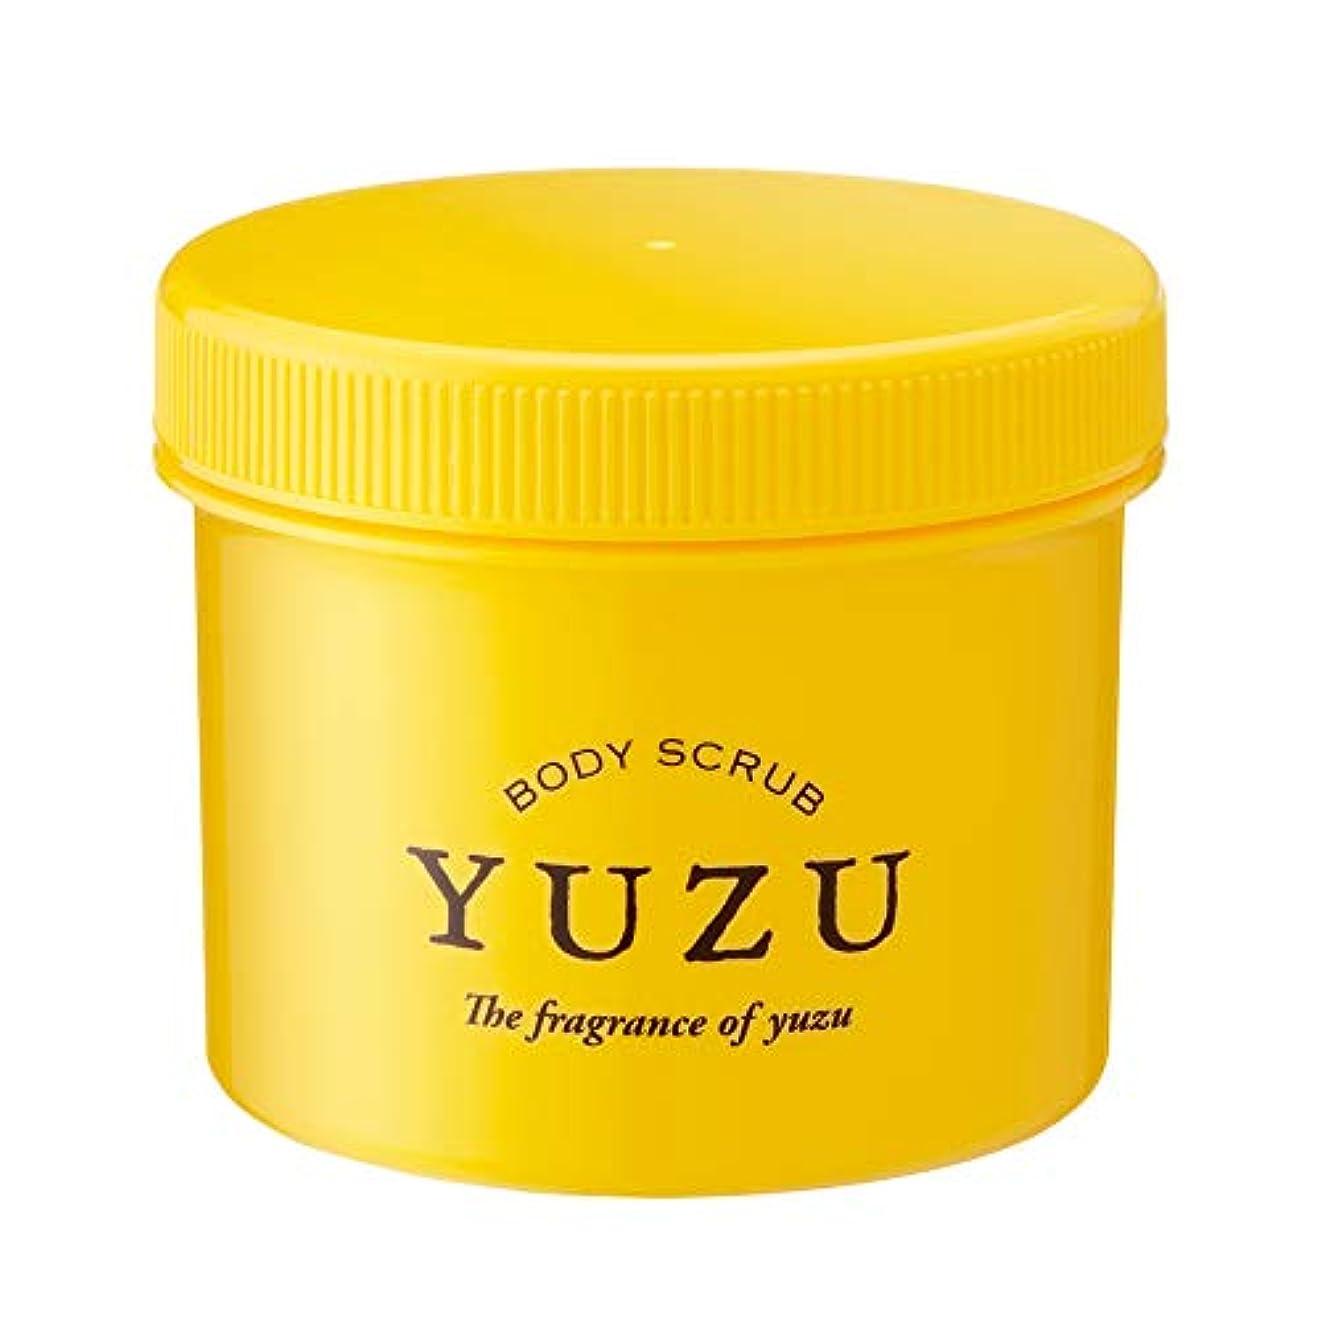 公式イチゴサイトライン(美健)ビケン YUZU ボディマッサージスクラブ 高知県ゆず精油のみで香り付け